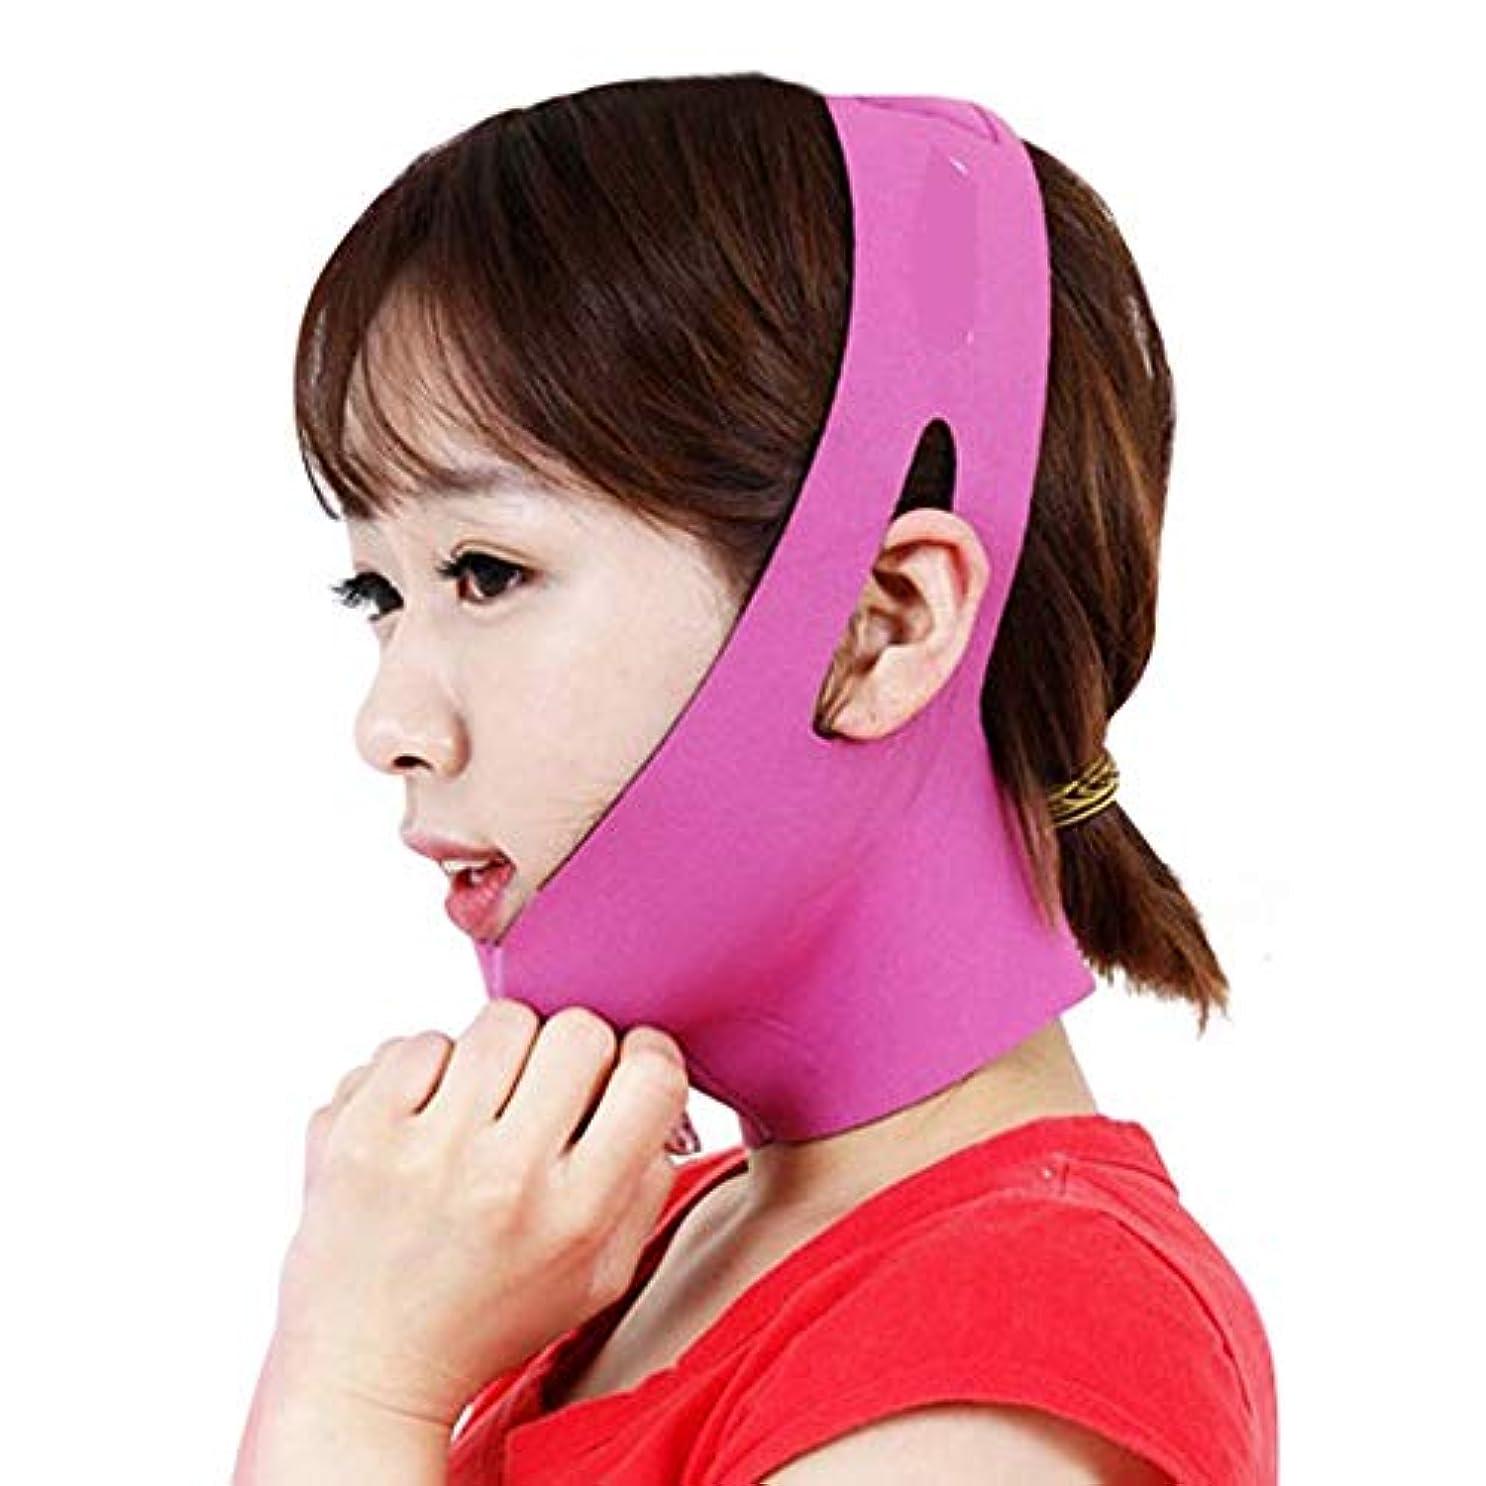 フェロー諸島慢性的偏心BS フェイシャルリフティング痩身ベルト圧縮二重あご減量ベルトスキンケア薄い顔包帯二重あごワークアウト フェイスリフティングアーティファクト (Color : Pink)